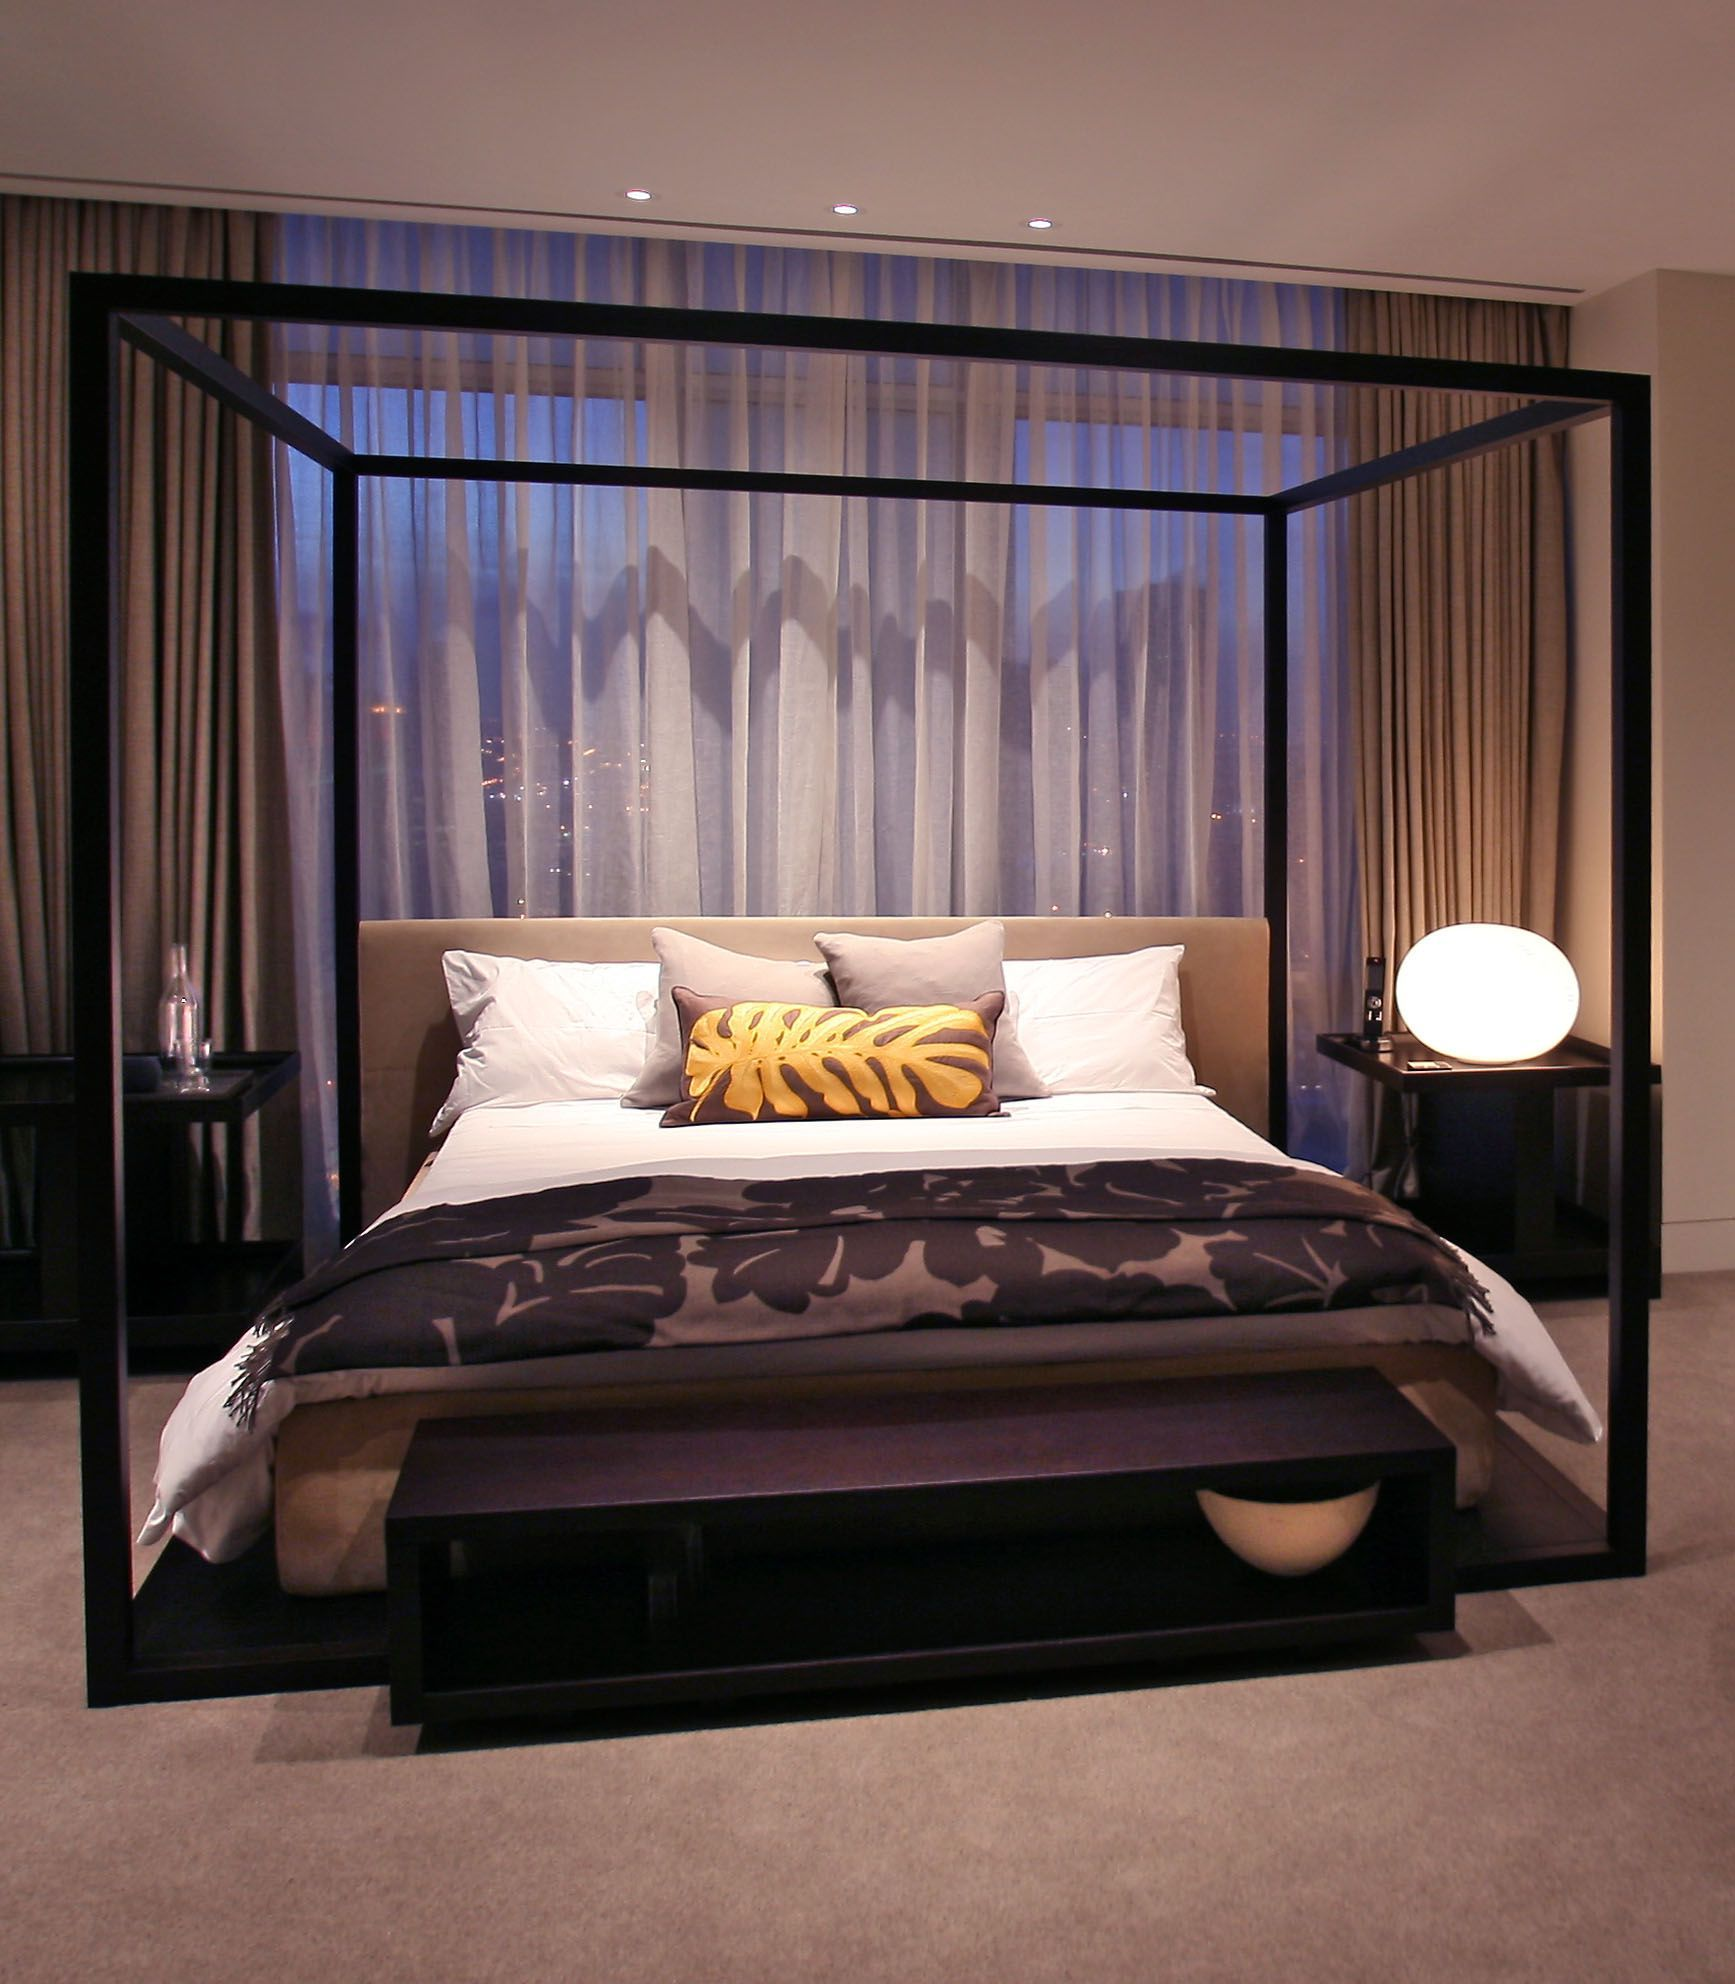 Schlafzimmer Hängeleuchten Kronleuchter Beleuchtung Hängende